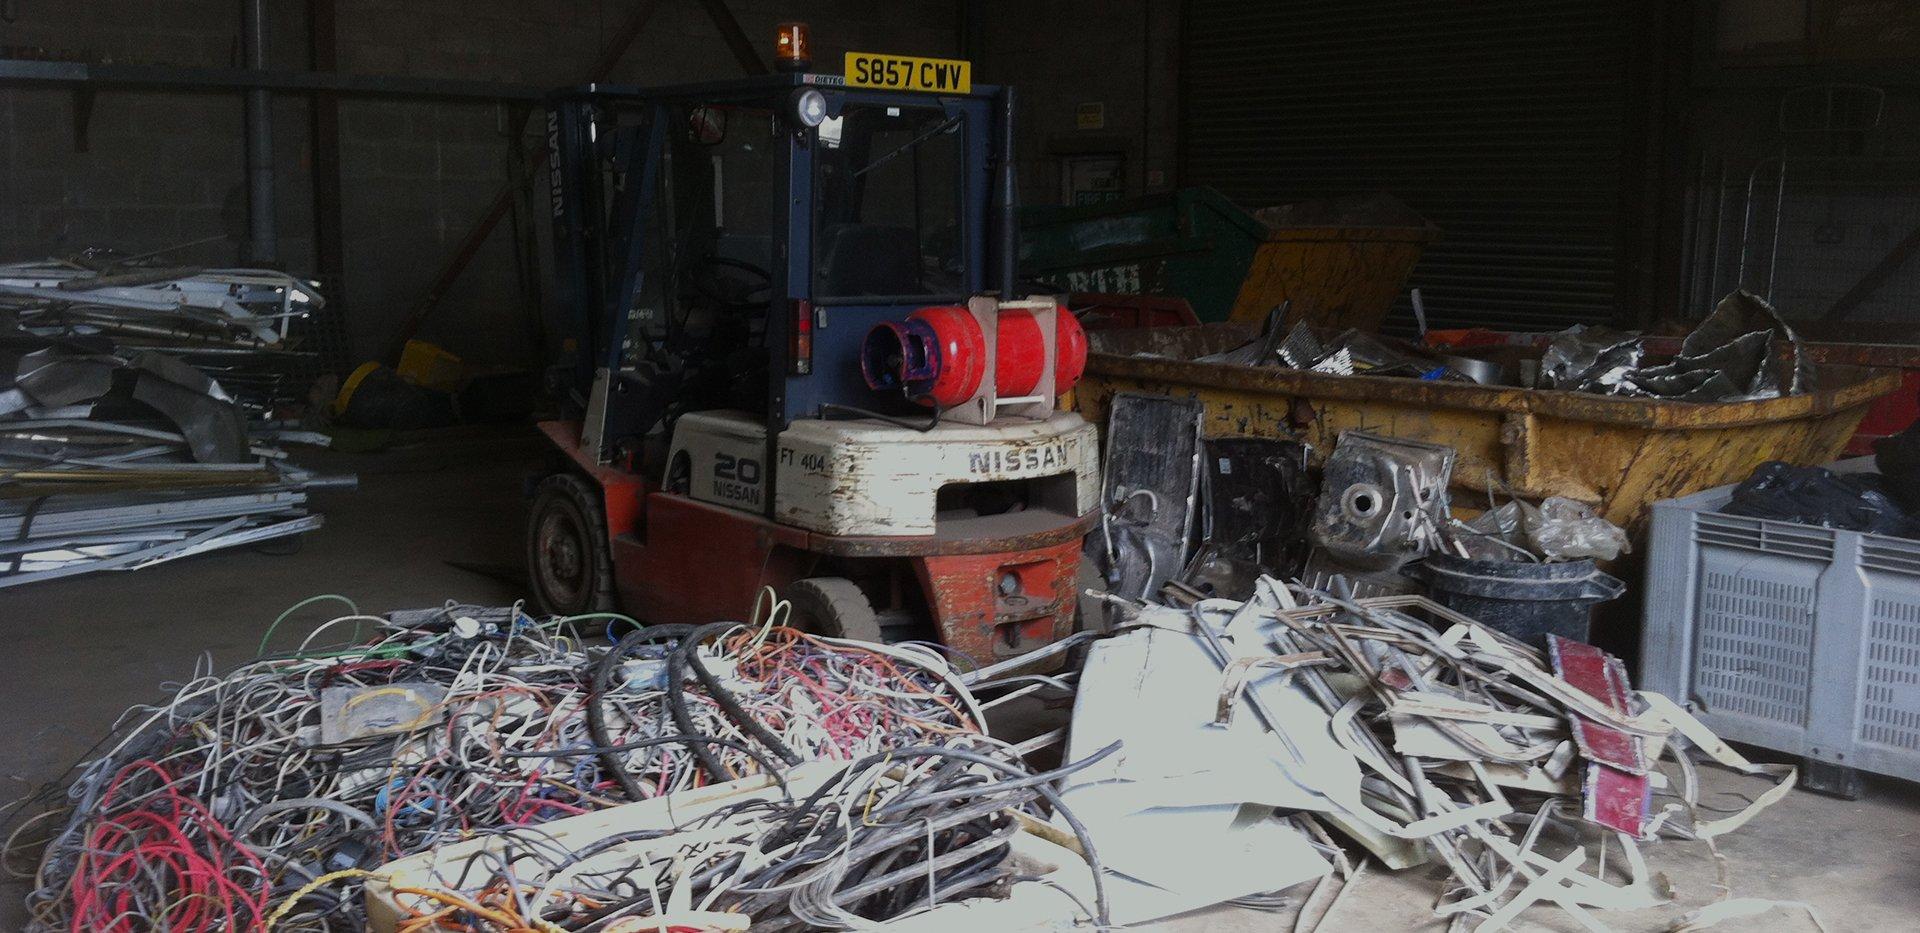 scrap area